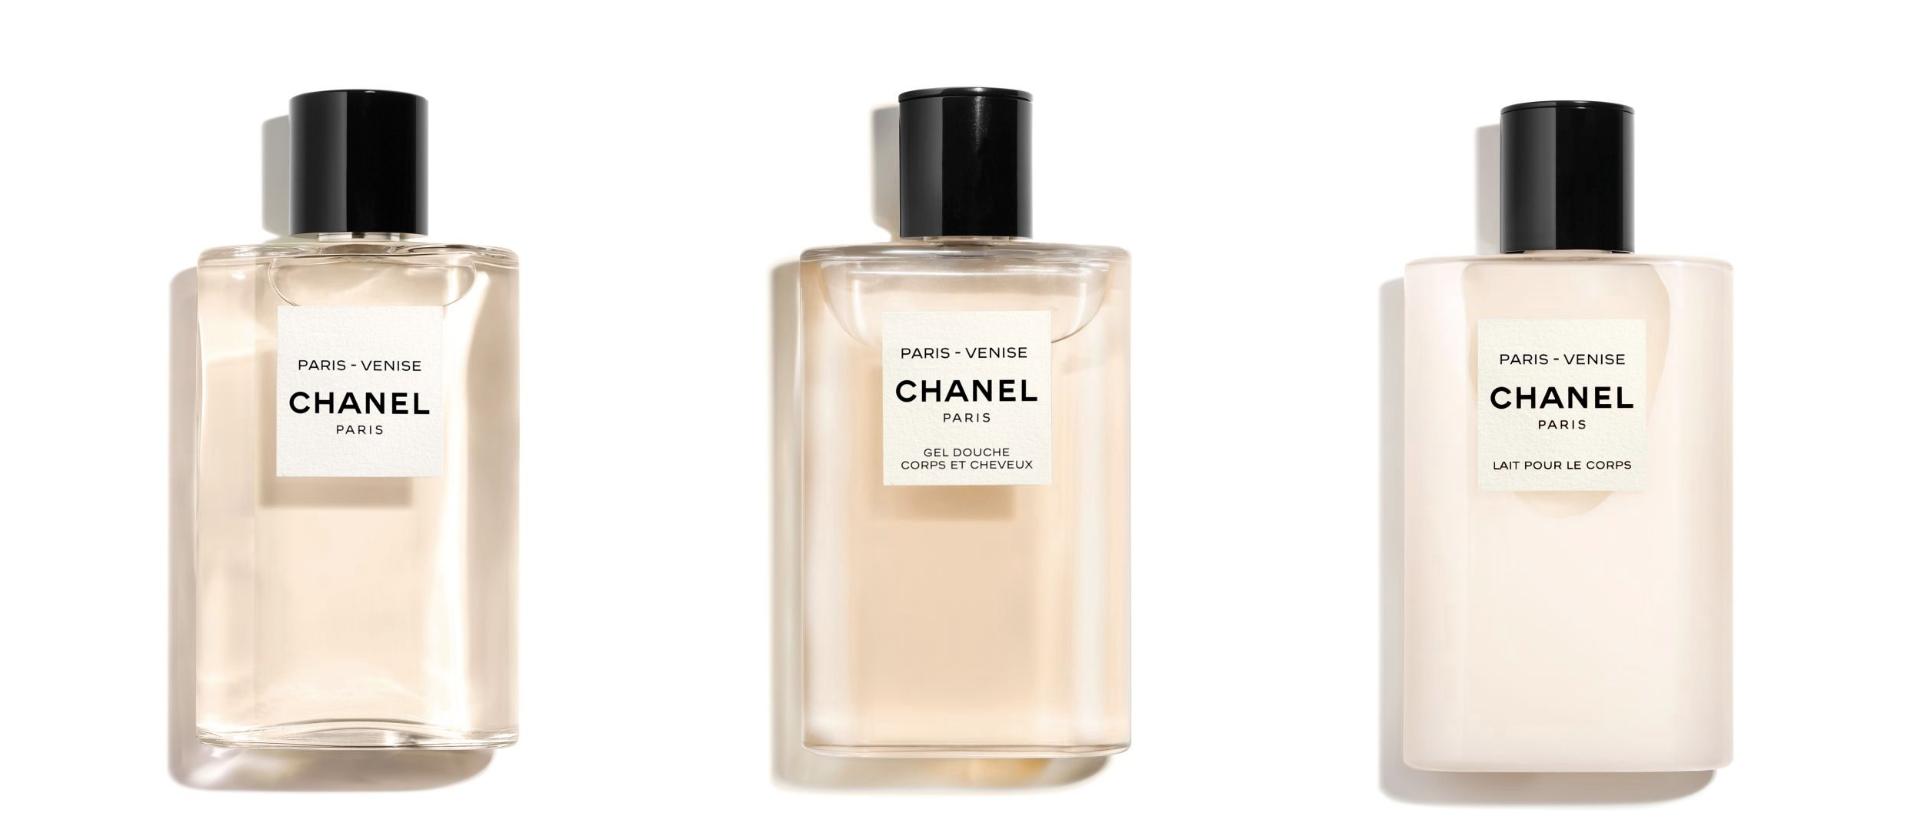 Les Eaux de Chanel Paris Venise Esprit de Gabrielle espritdegabrielle.com